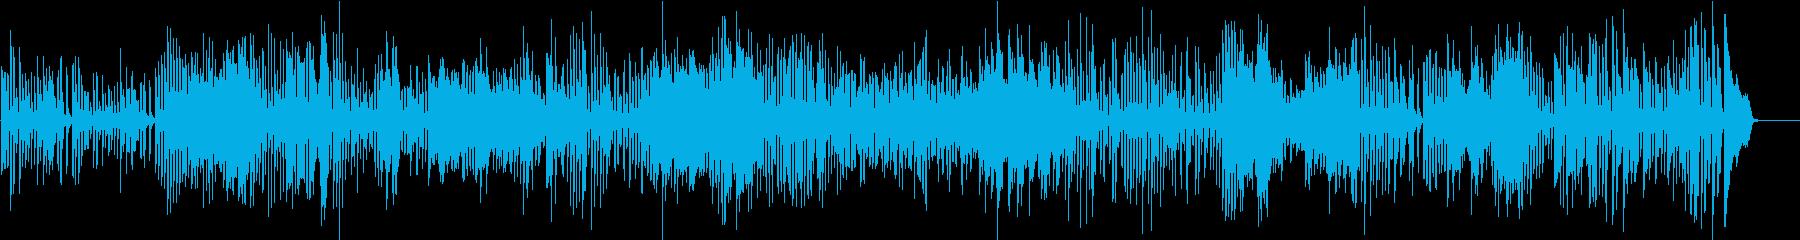 ヴィヴァルディ 協奏曲 イ短調 第3楽章の再生済みの波形